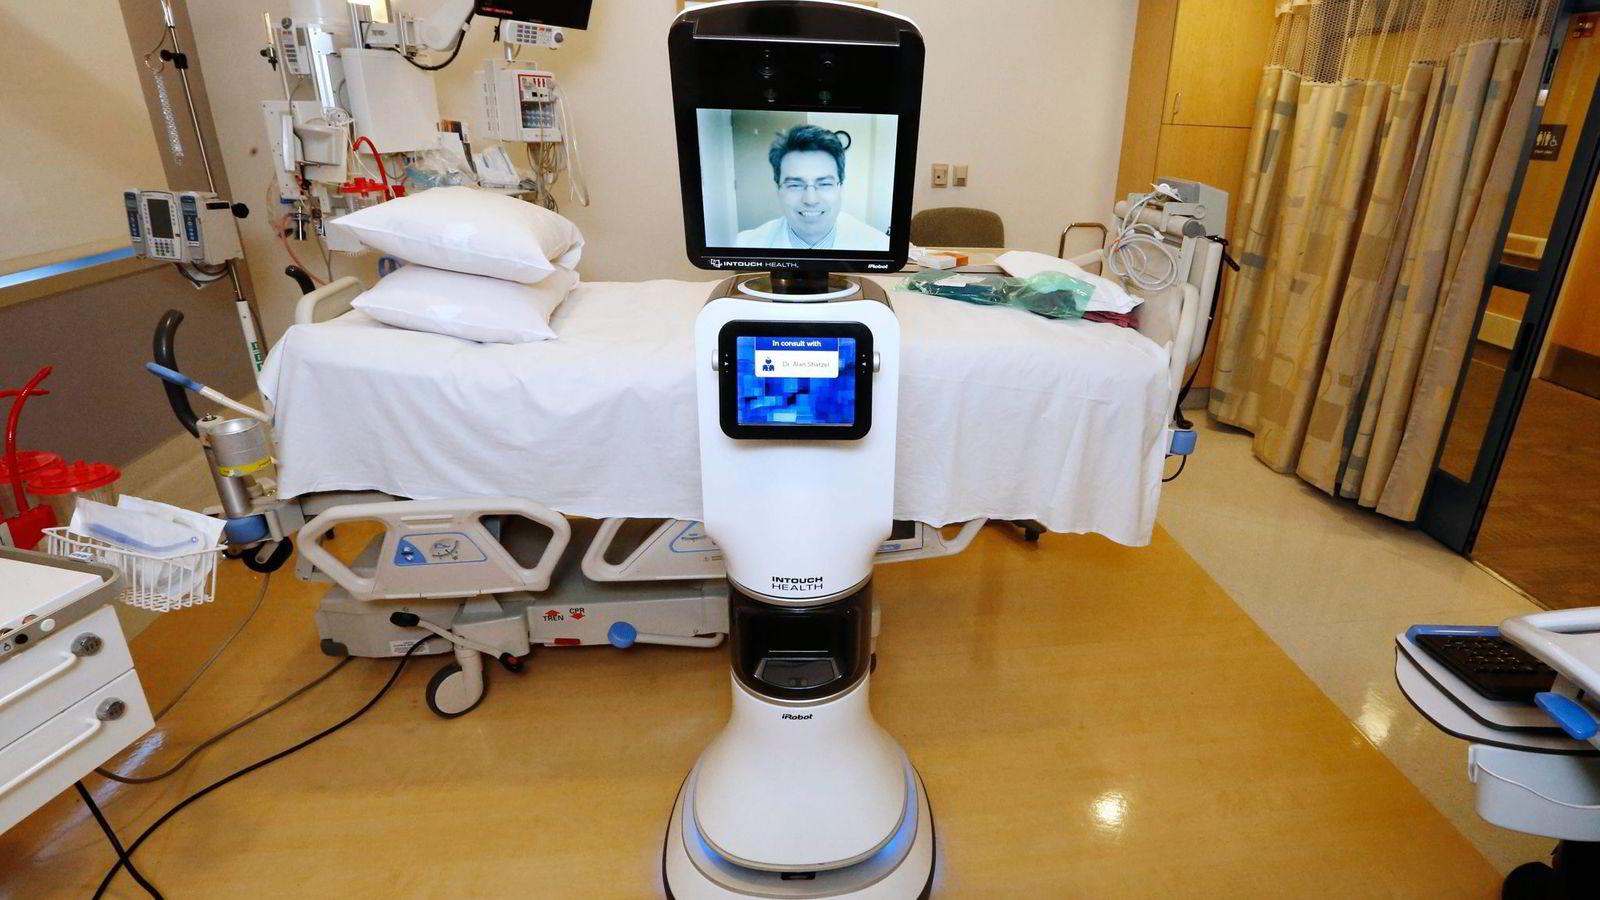 Enkelte legeoppgaver er noen av jobbene som i løpet av kort tid kan overtas av roboter, ifølge forskere. Her fra Mercy San Juan Hospital i California, der legen ikke alltid trenger å være fysisk tilstede for å bistå pasientene. Foto: Rich Pedroncelli, AP/NTB Scanpix